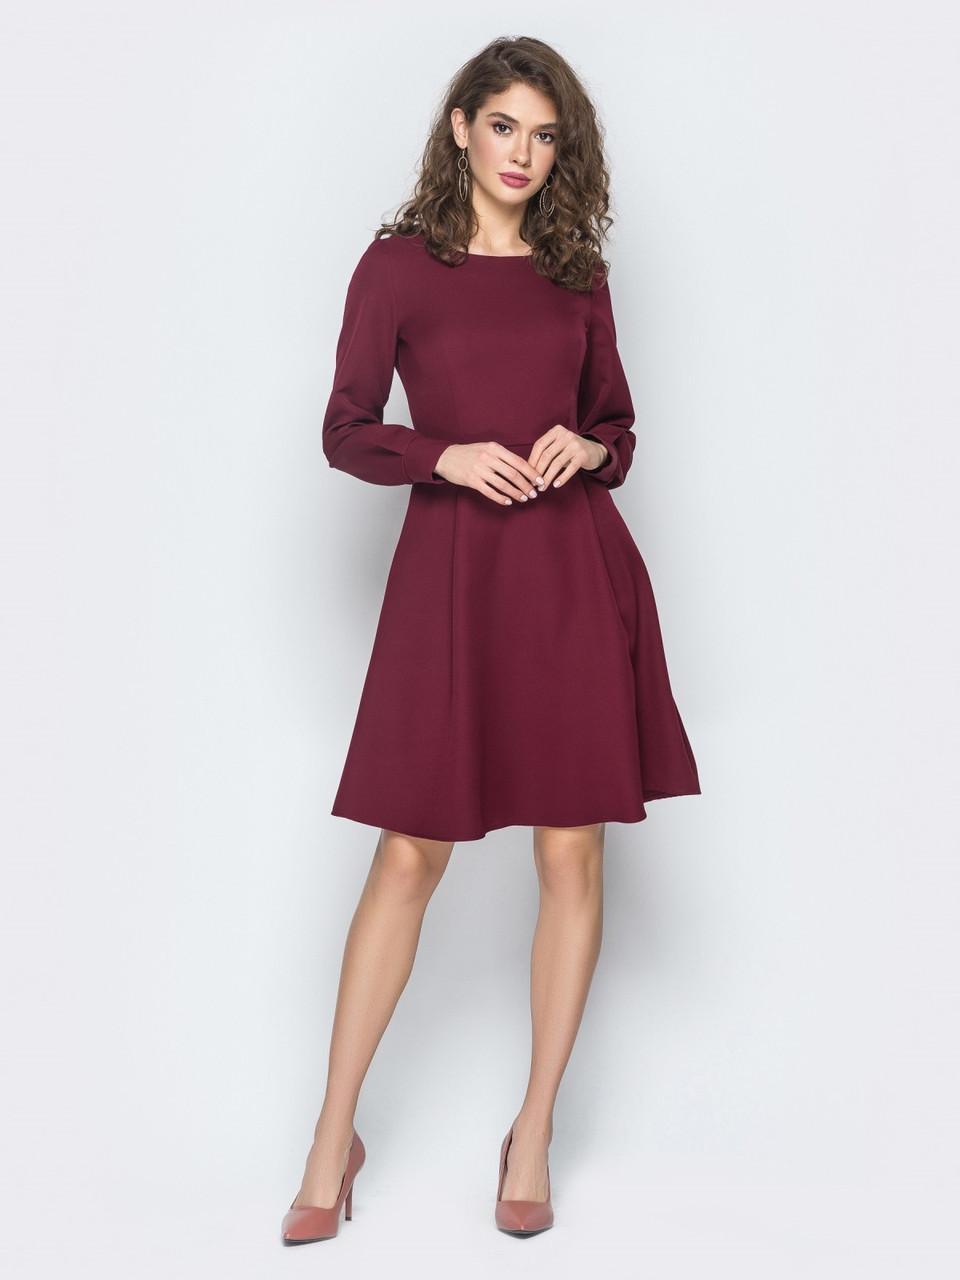 75280ea61f80dae 📍Бордовое платье из костюмной ткани (приталенное, с молнией) / 44 ...